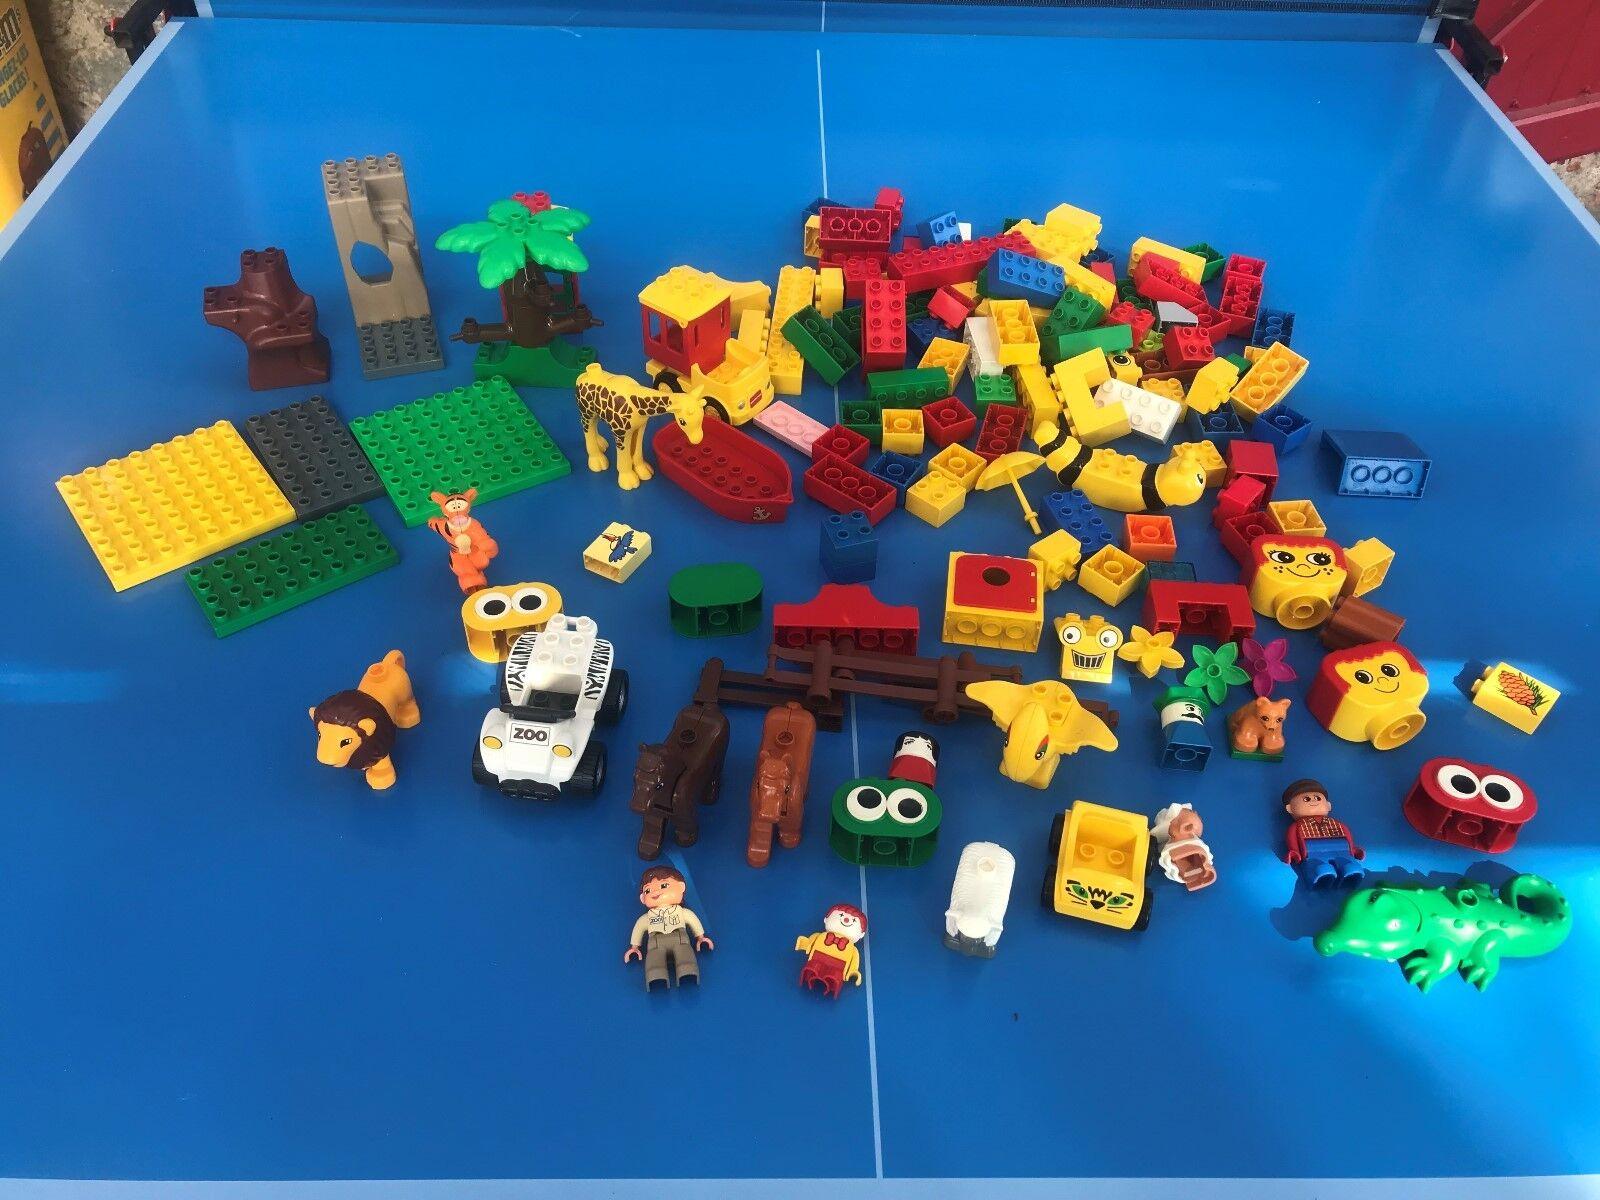 LEGO DUPLO PERSONNAGE VOITURE FERME ZOO MAISON BRIQUES GROS LOT + 2,0 KG N°3